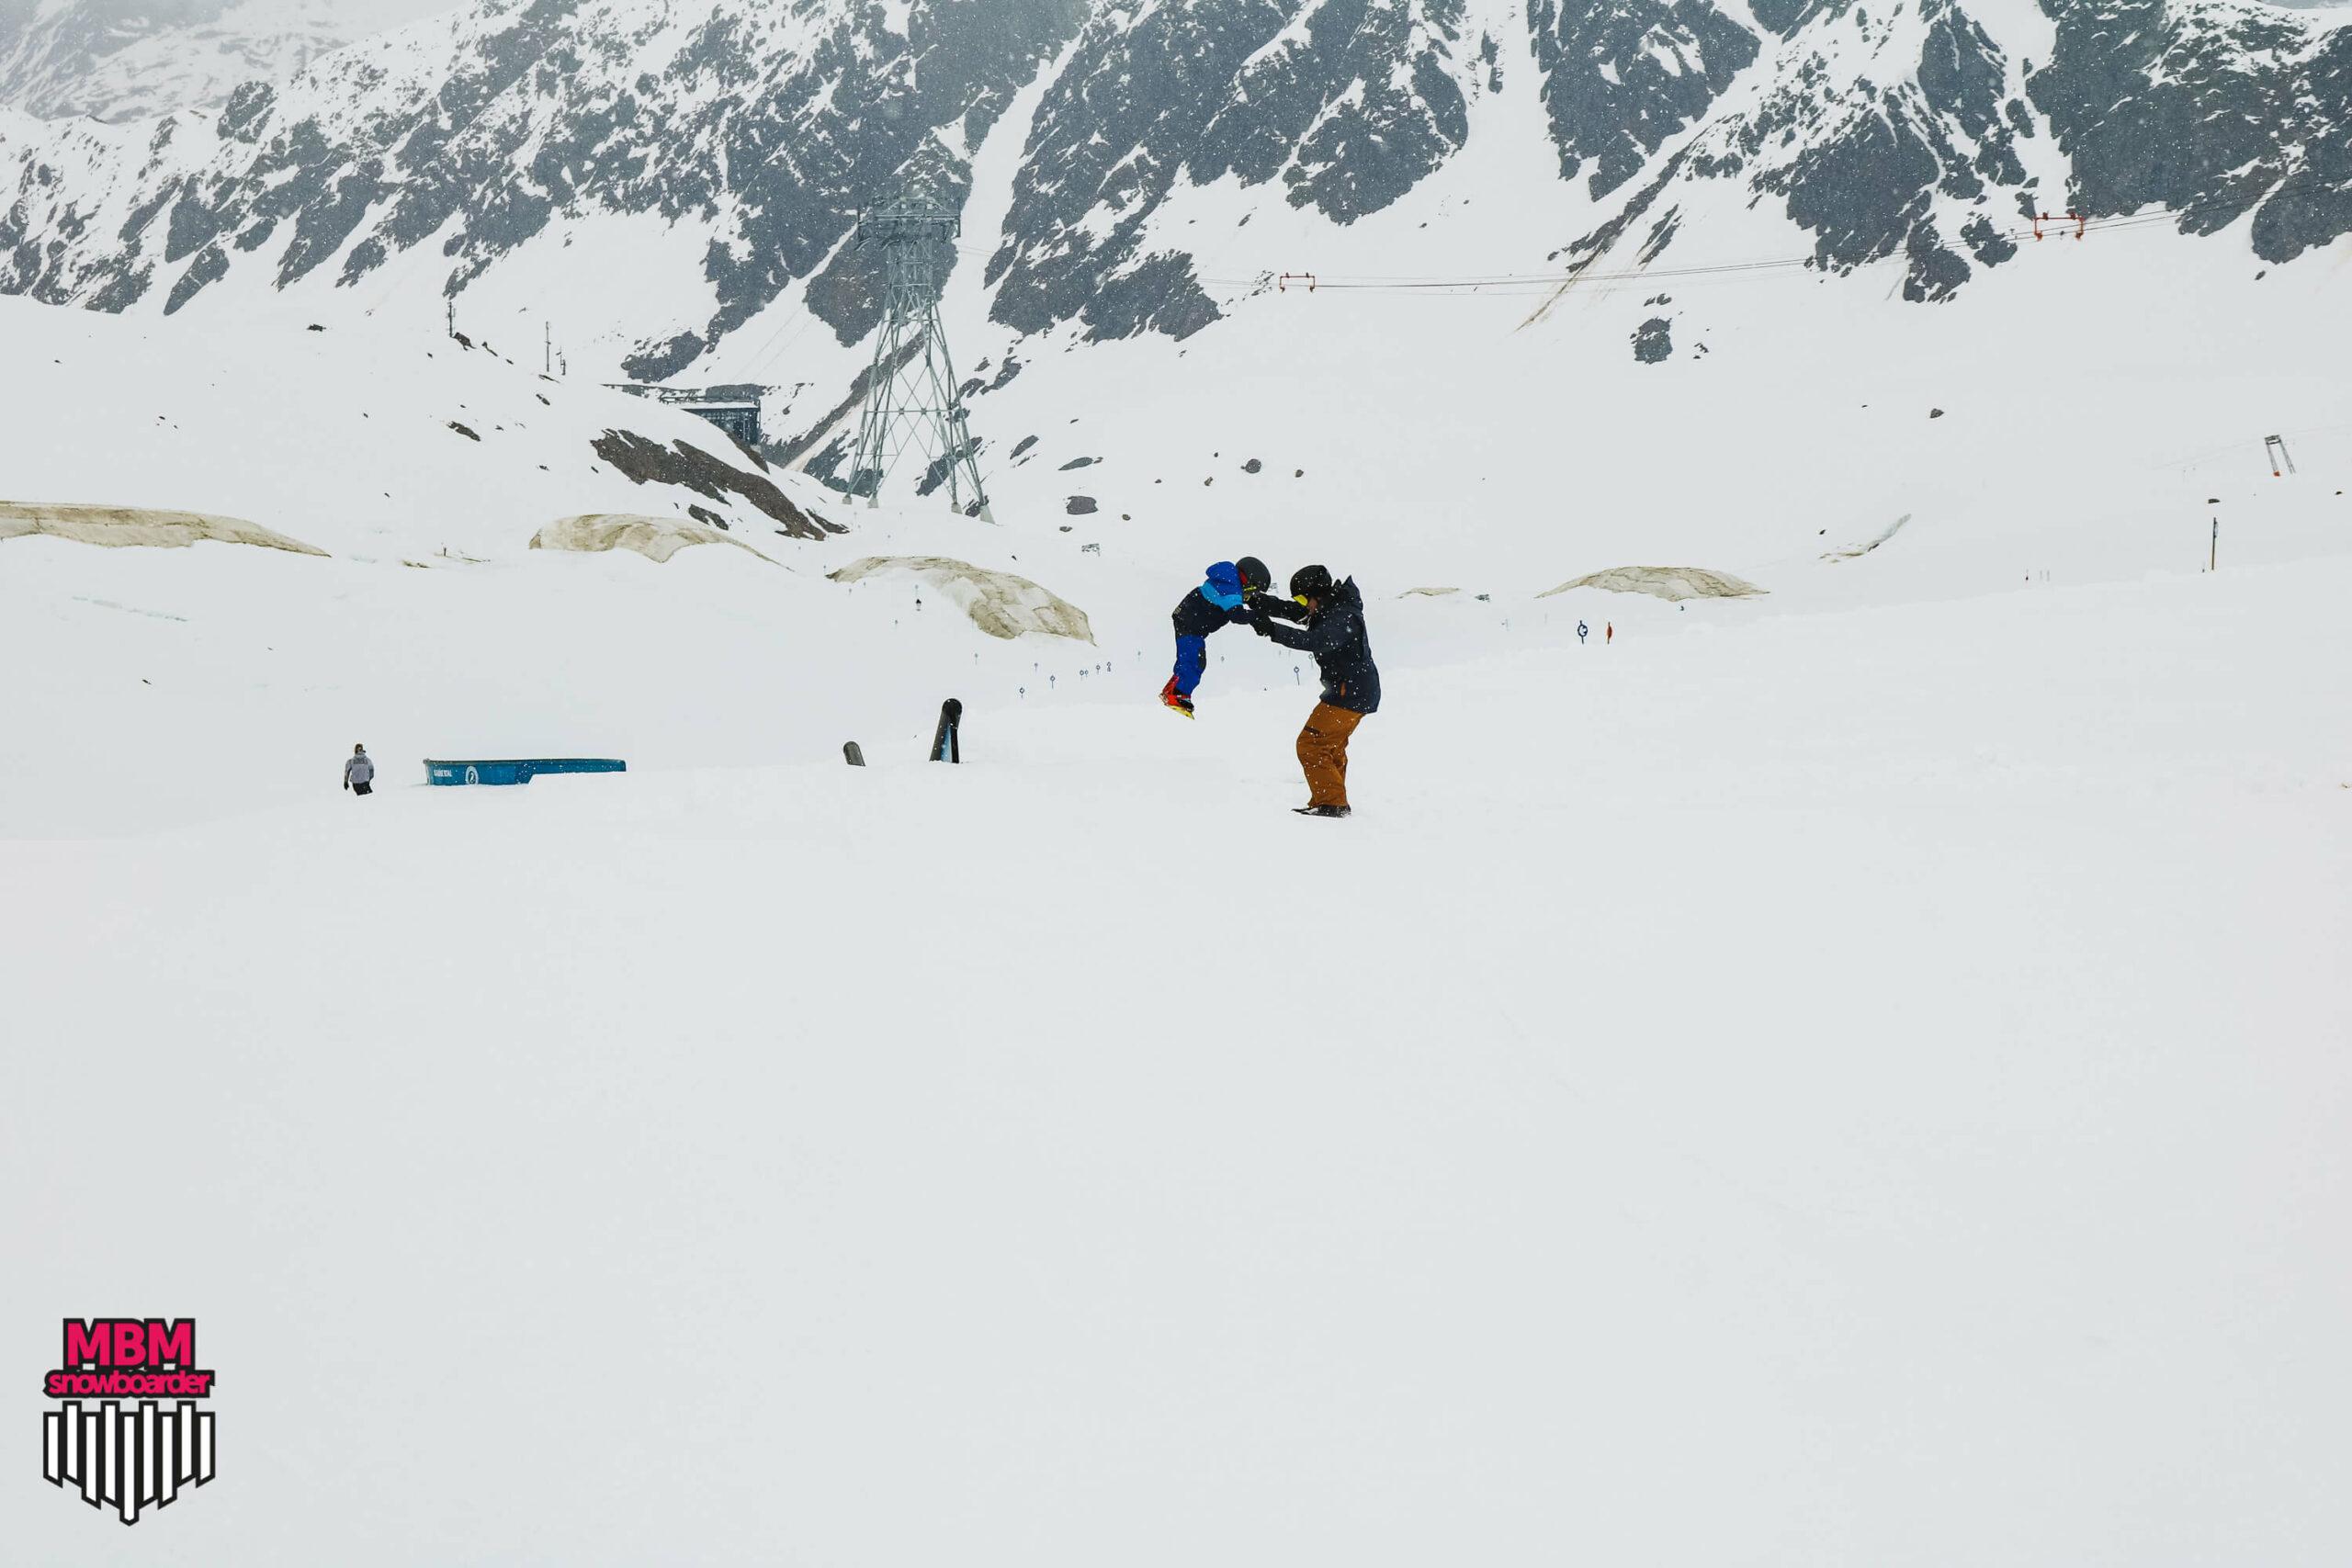 snowboarderMBM_sd_kaunertal_102